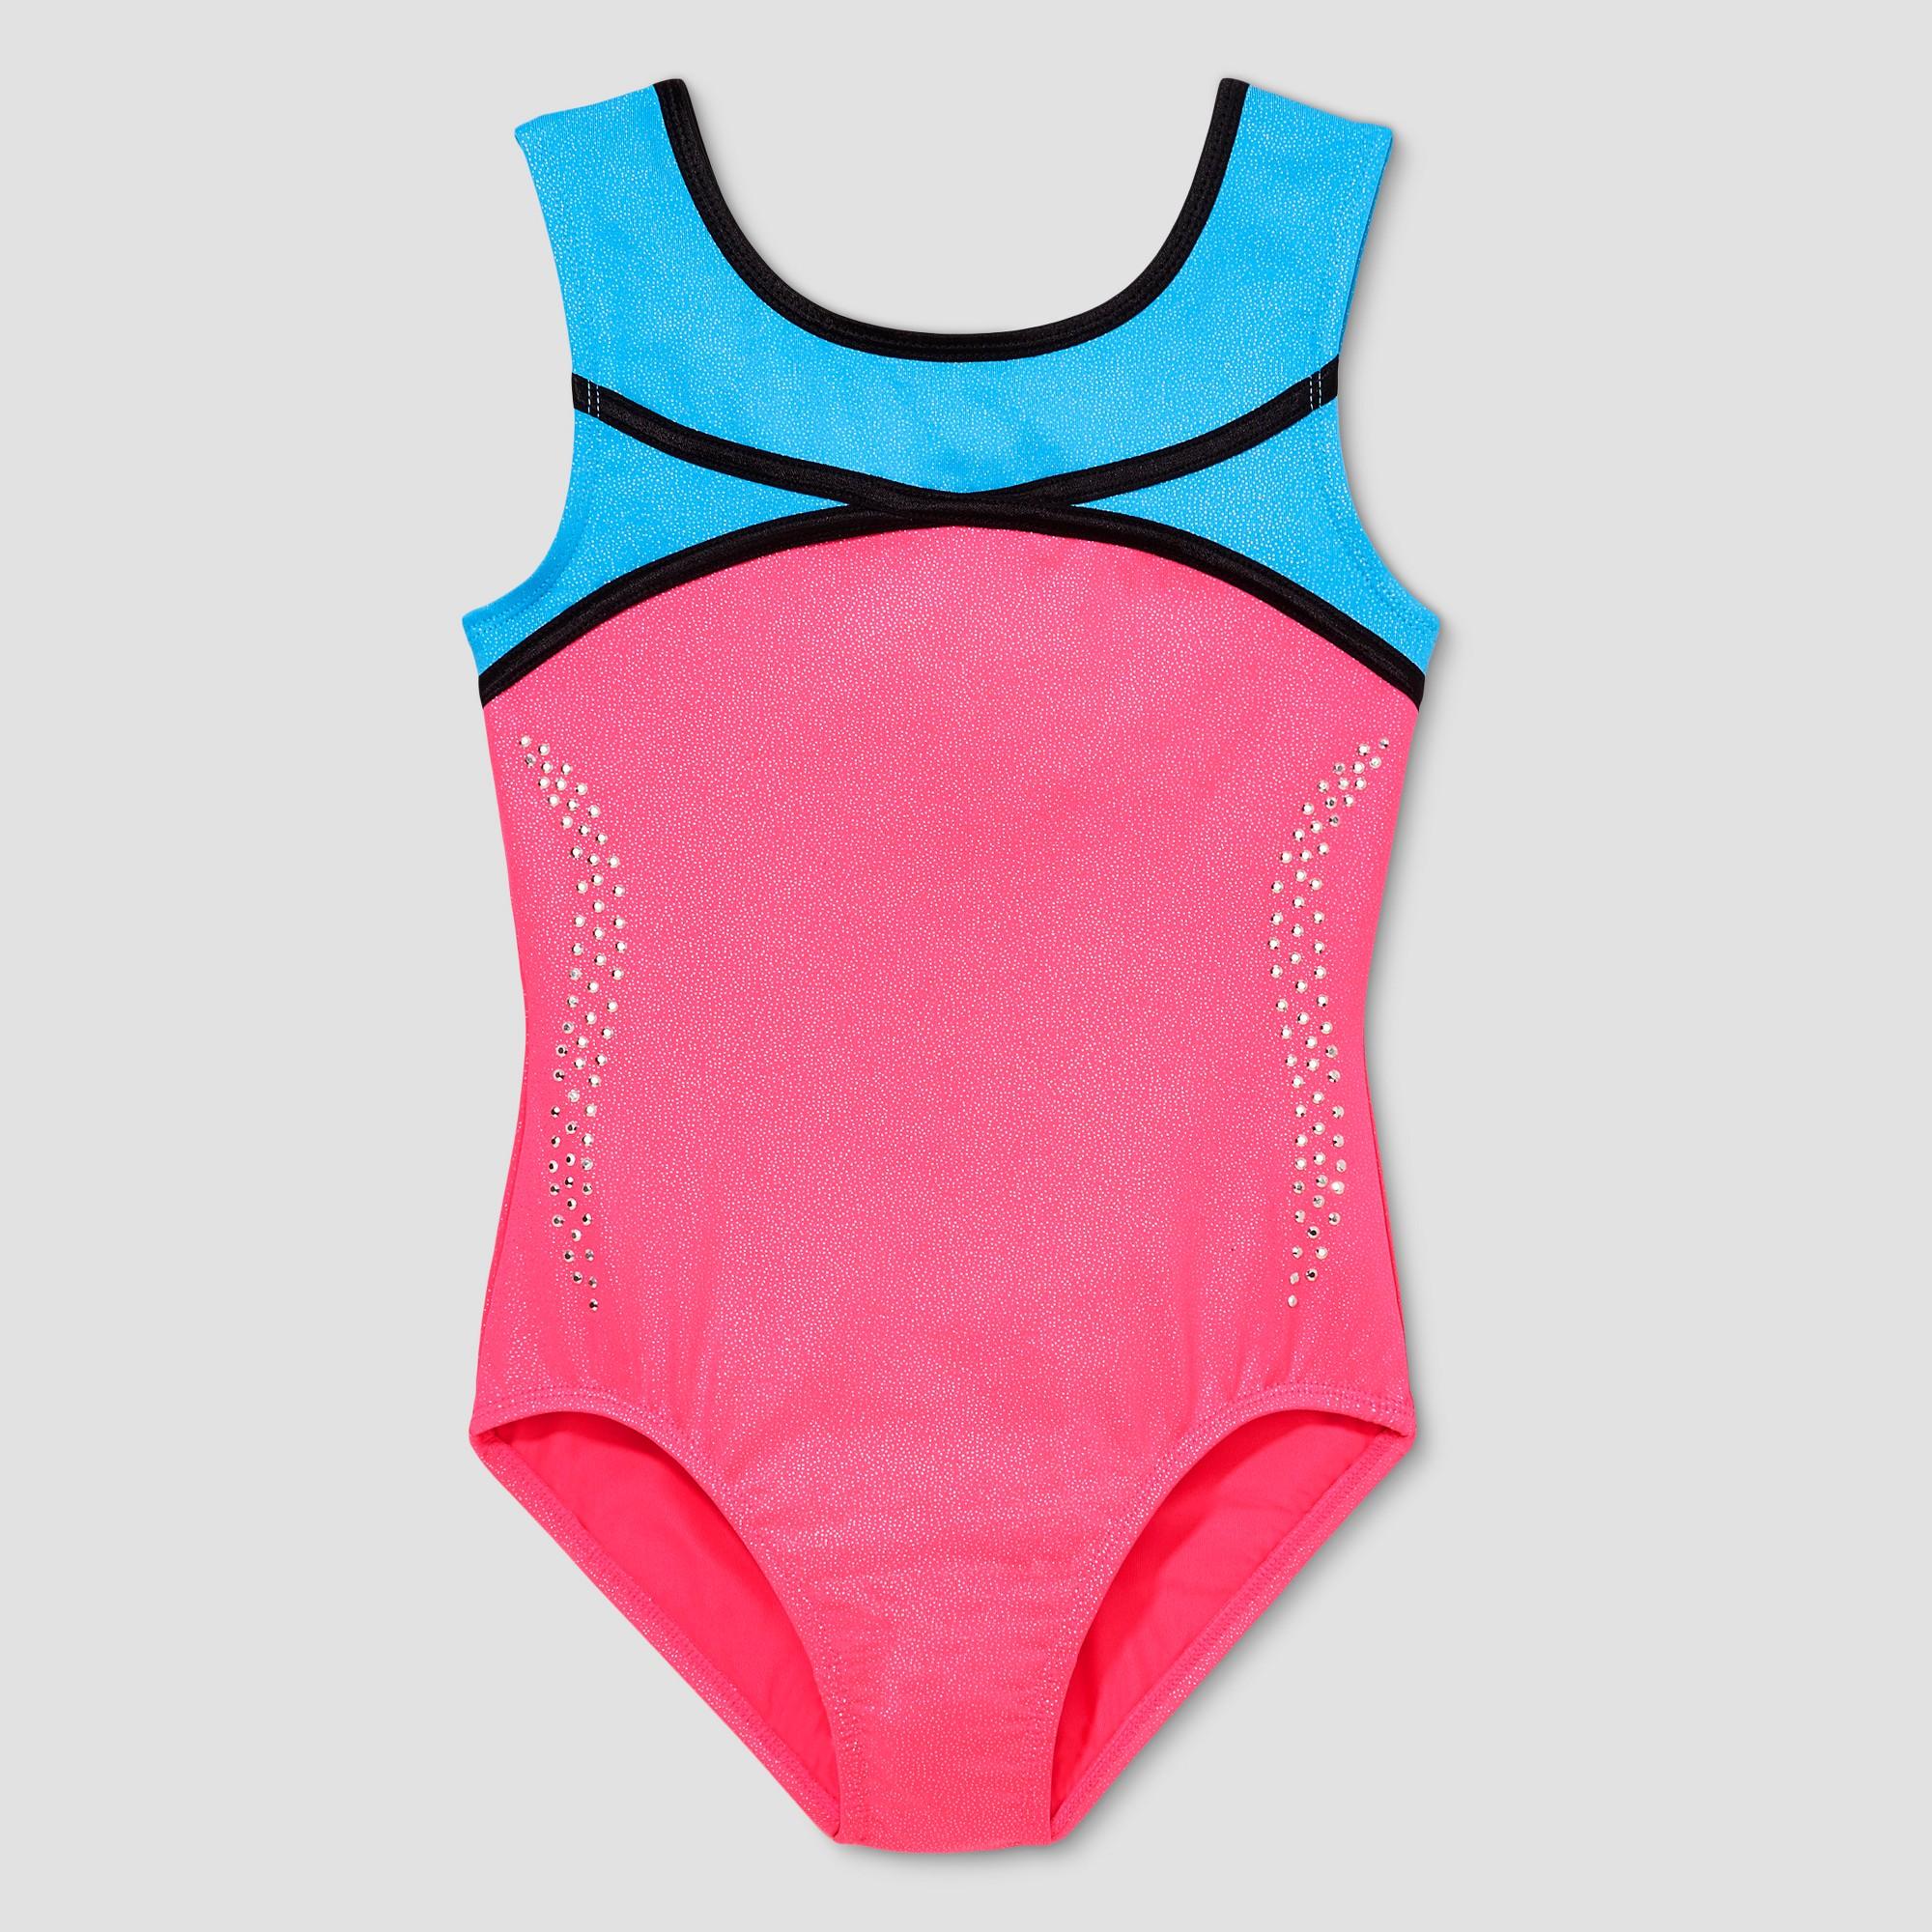 80c3103da Freestyle by Danskin Girls  Gymnastics Leotard - Pink 2T